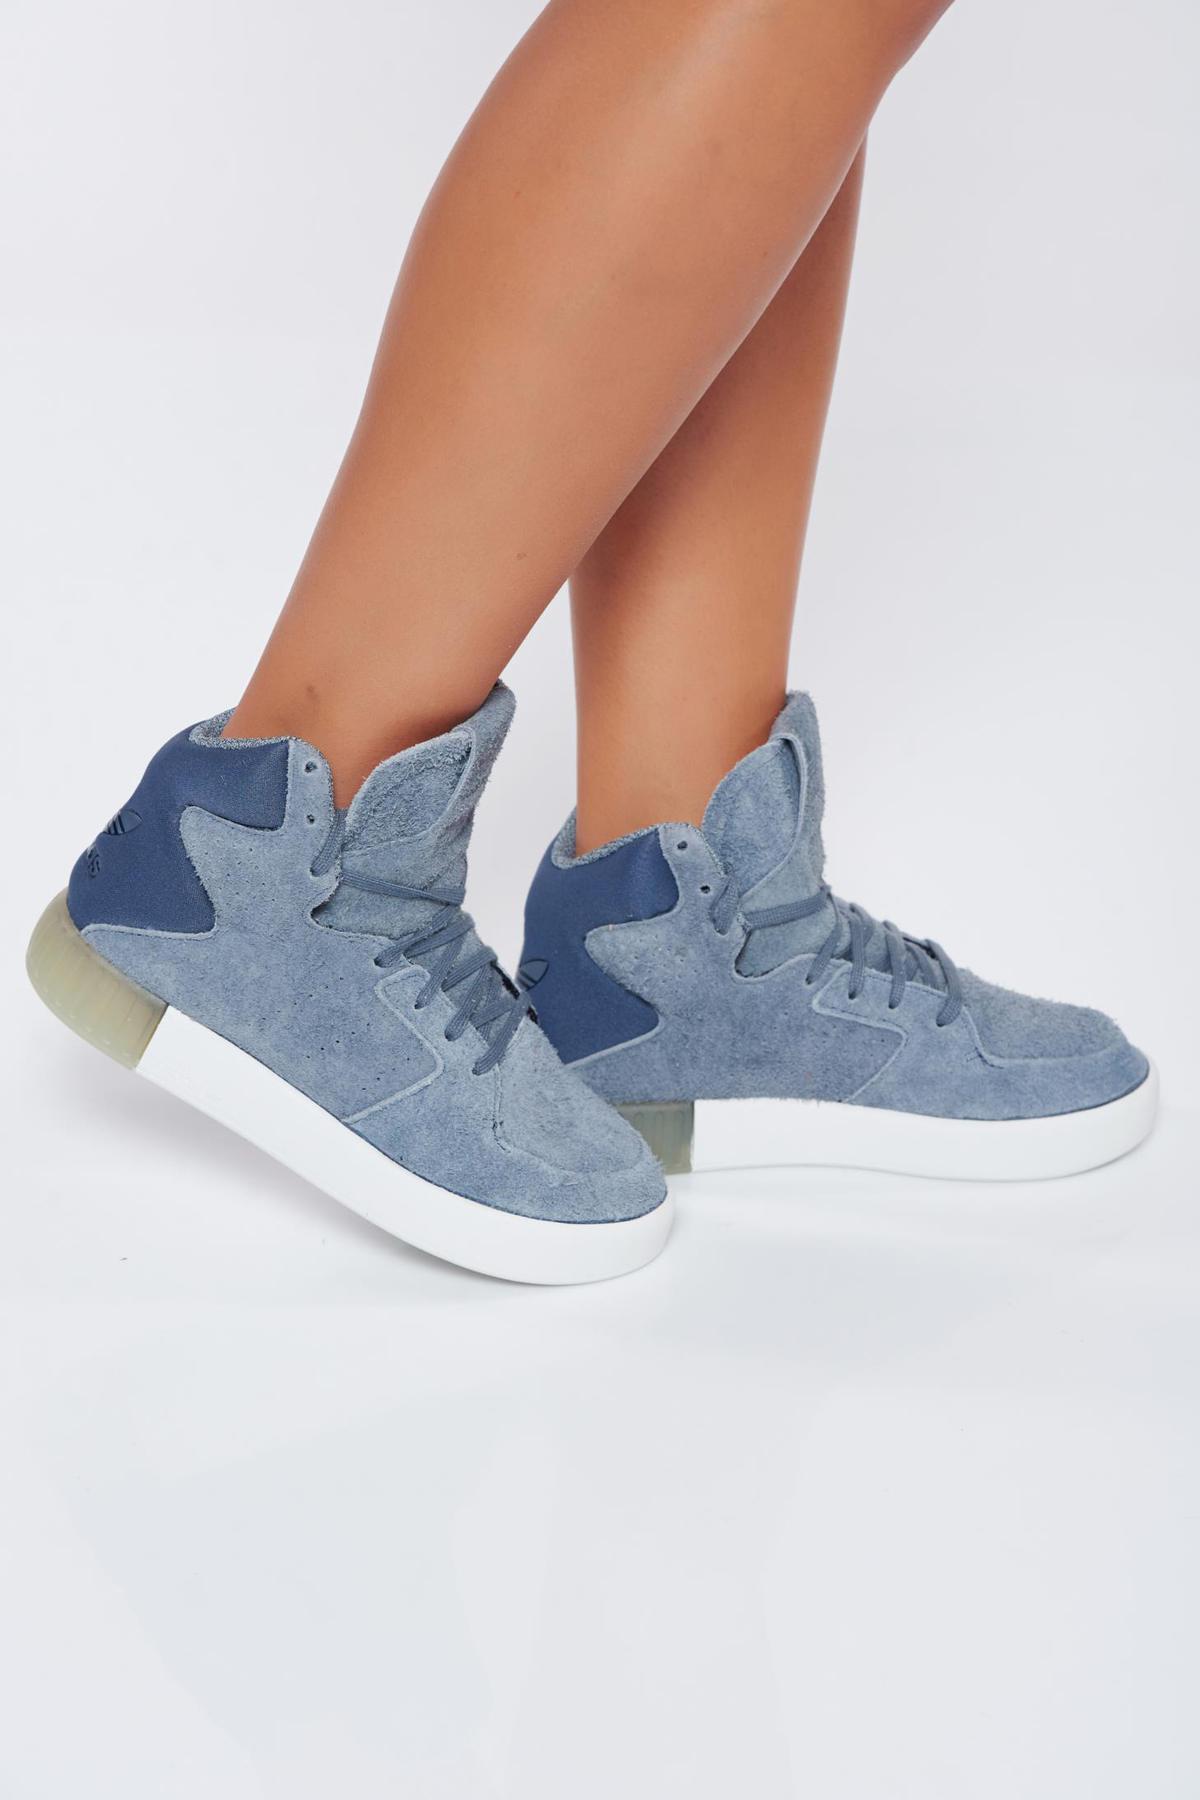 Pantofi sport Adidas Originals Tubular gri casual din piele intoarsa ecologica cu siret